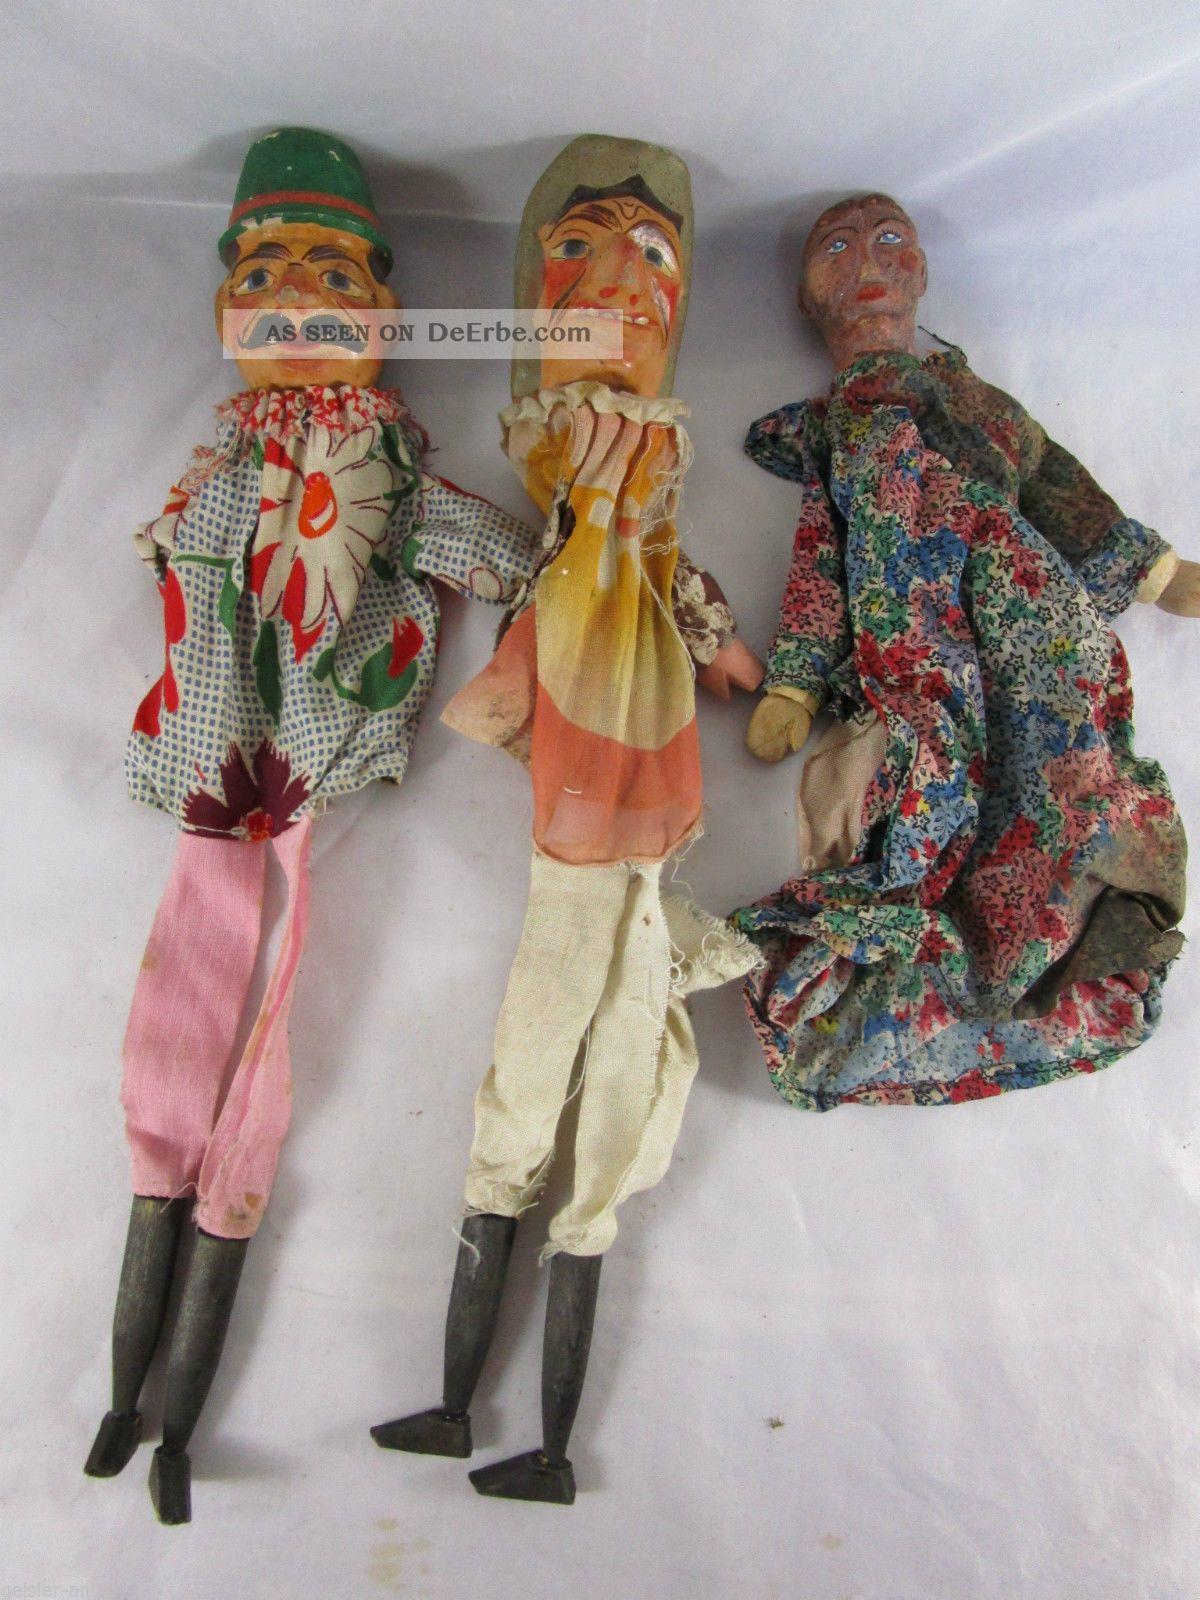 uralt konvolut marionette kasper puppe gardist holzkopf. Black Bedroom Furniture Sets. Home Design Ideas